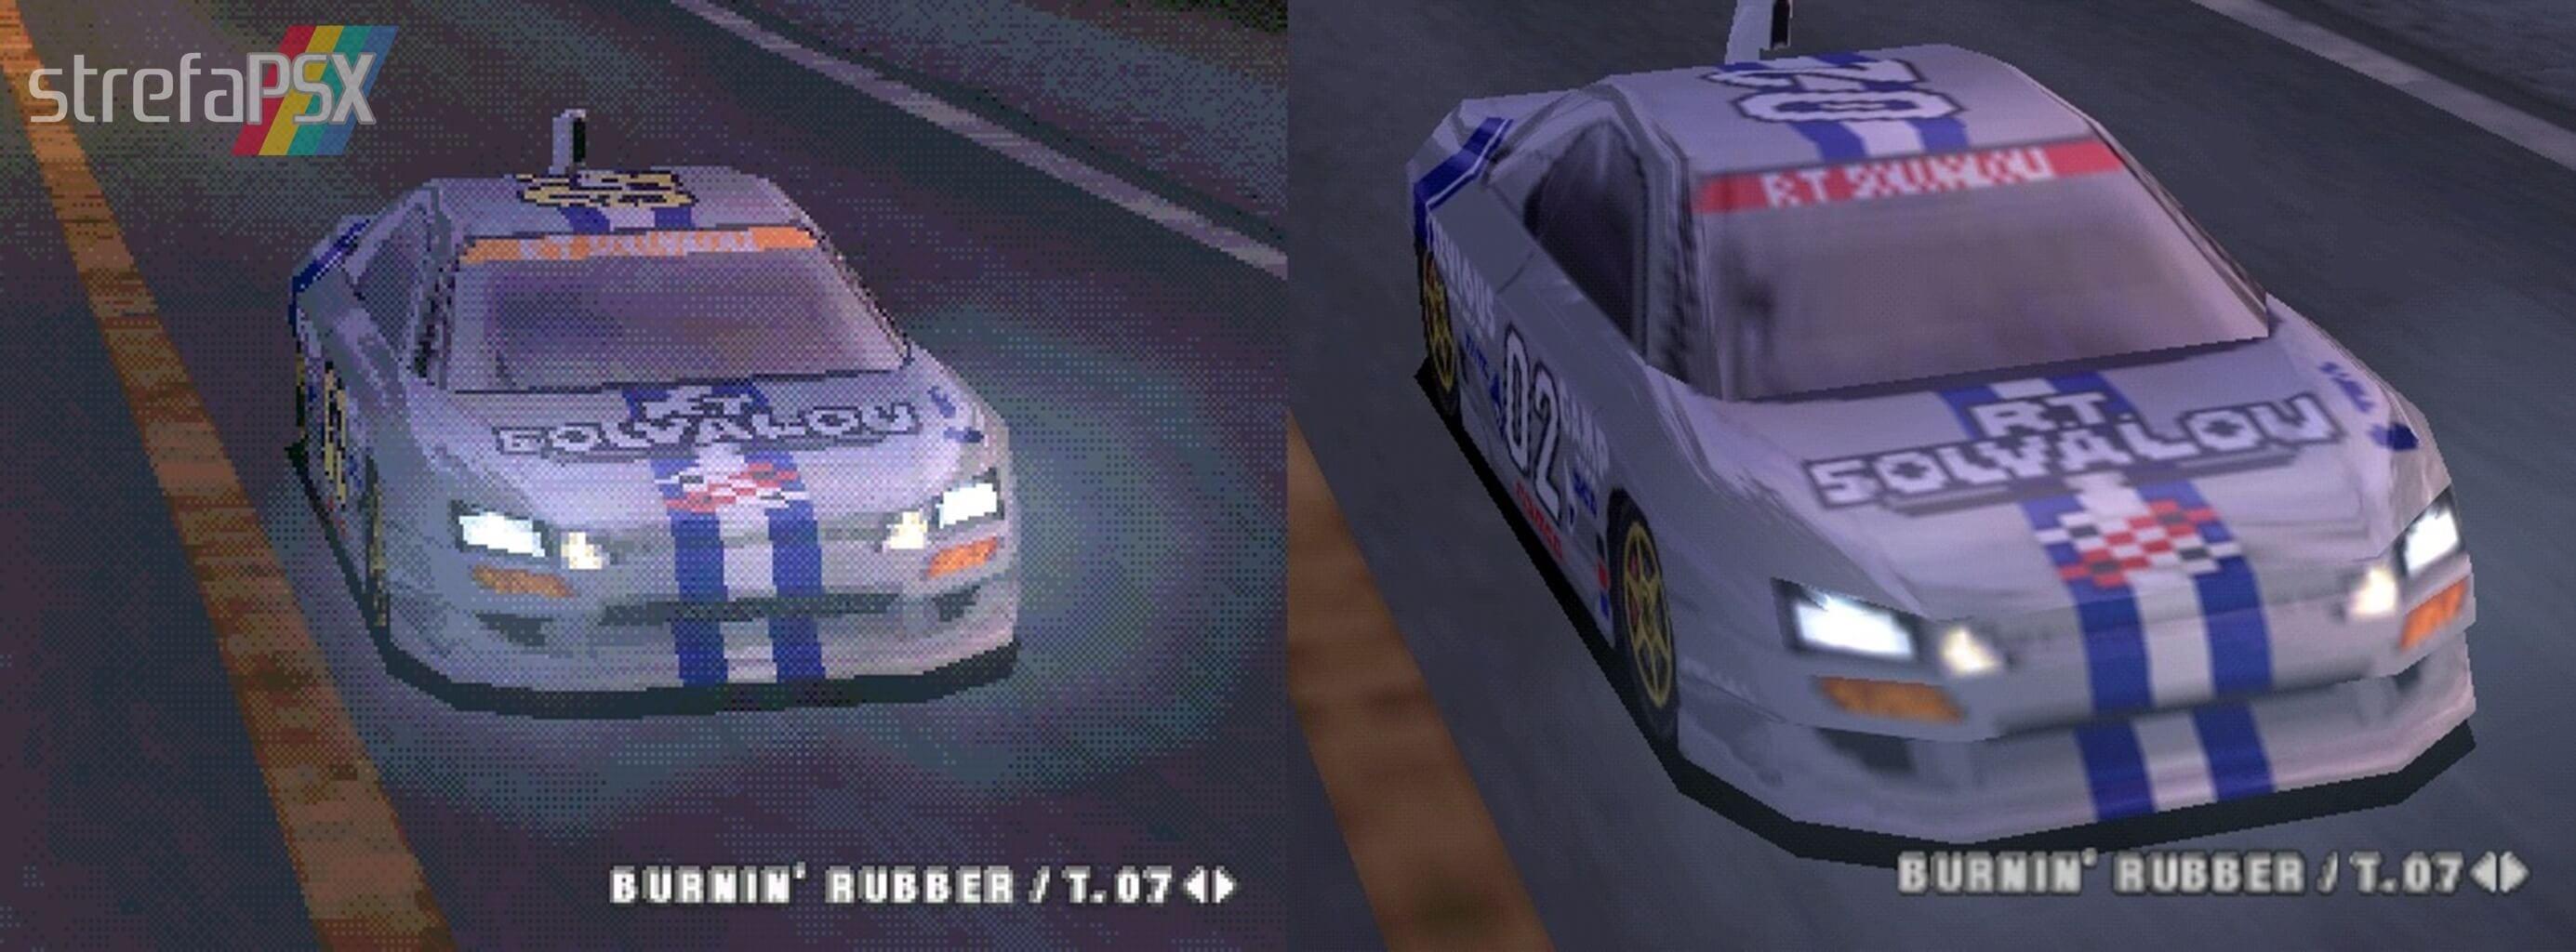 Stworzone przez grafików screeny z Ridge Racer 4 porównujące grafikę z PSX i z bleem!